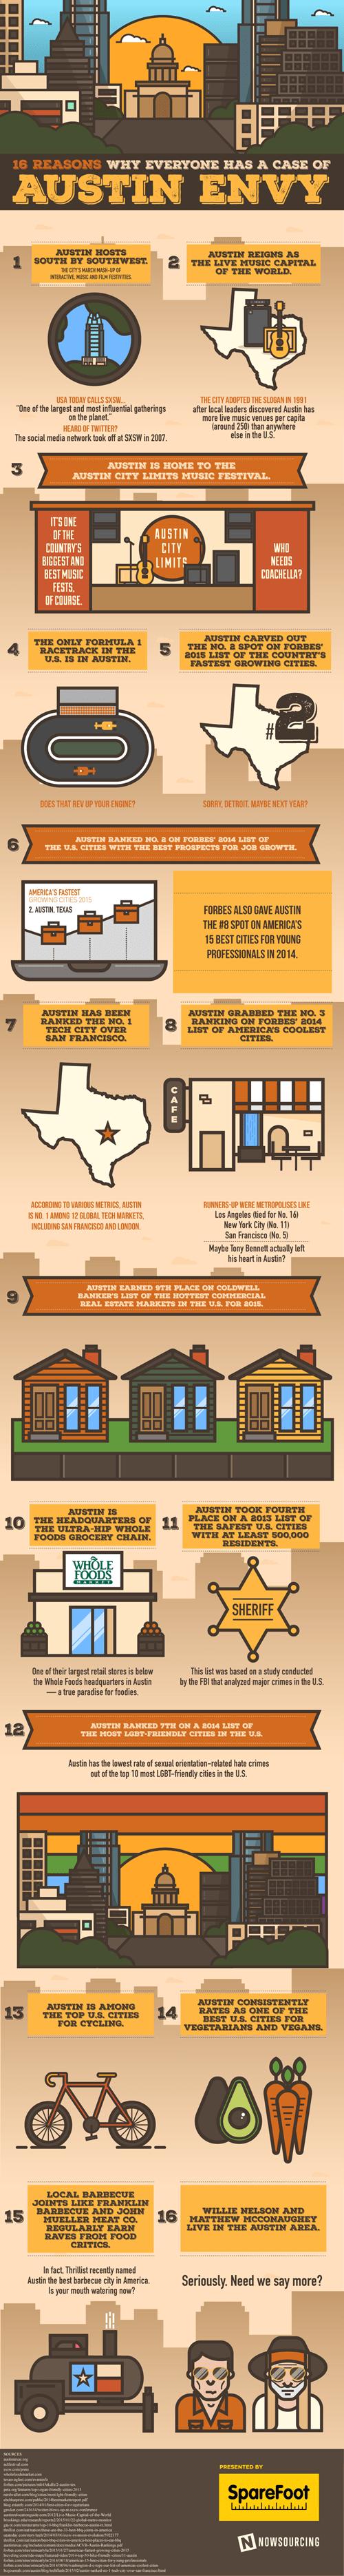 Austin infographics texas infographic - 8483020032